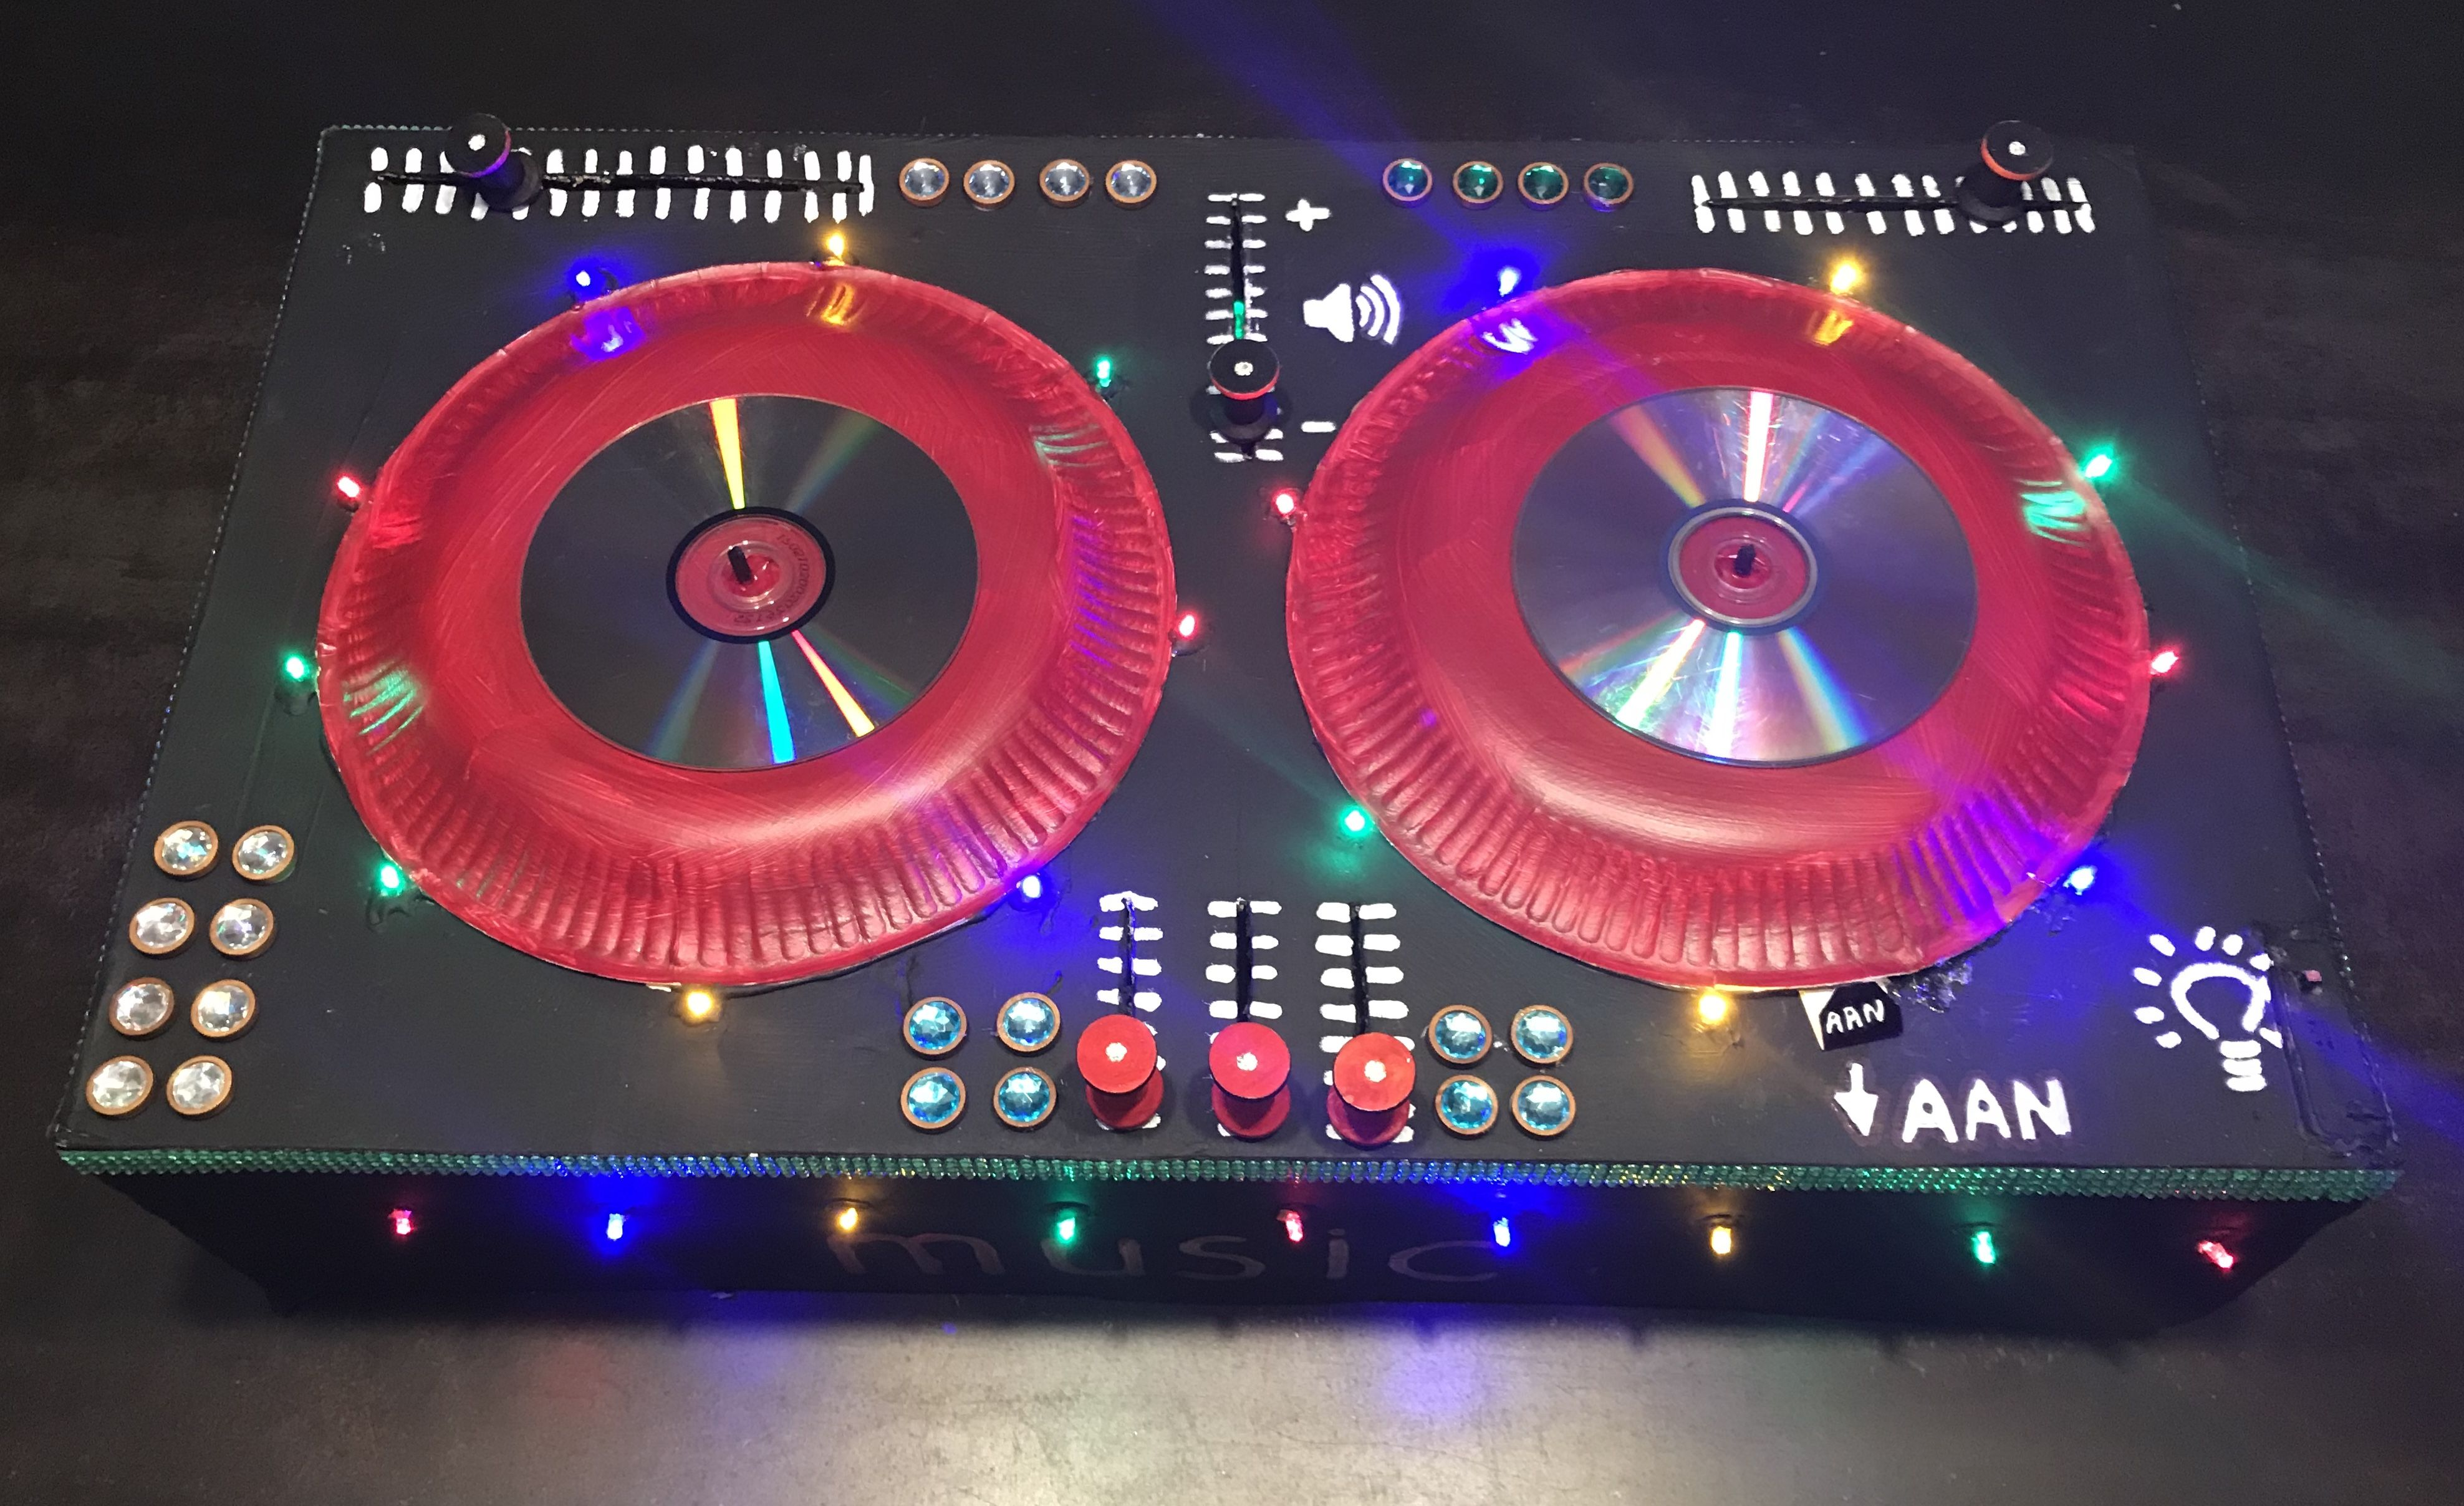 DJ quik Sweet zwart poesje